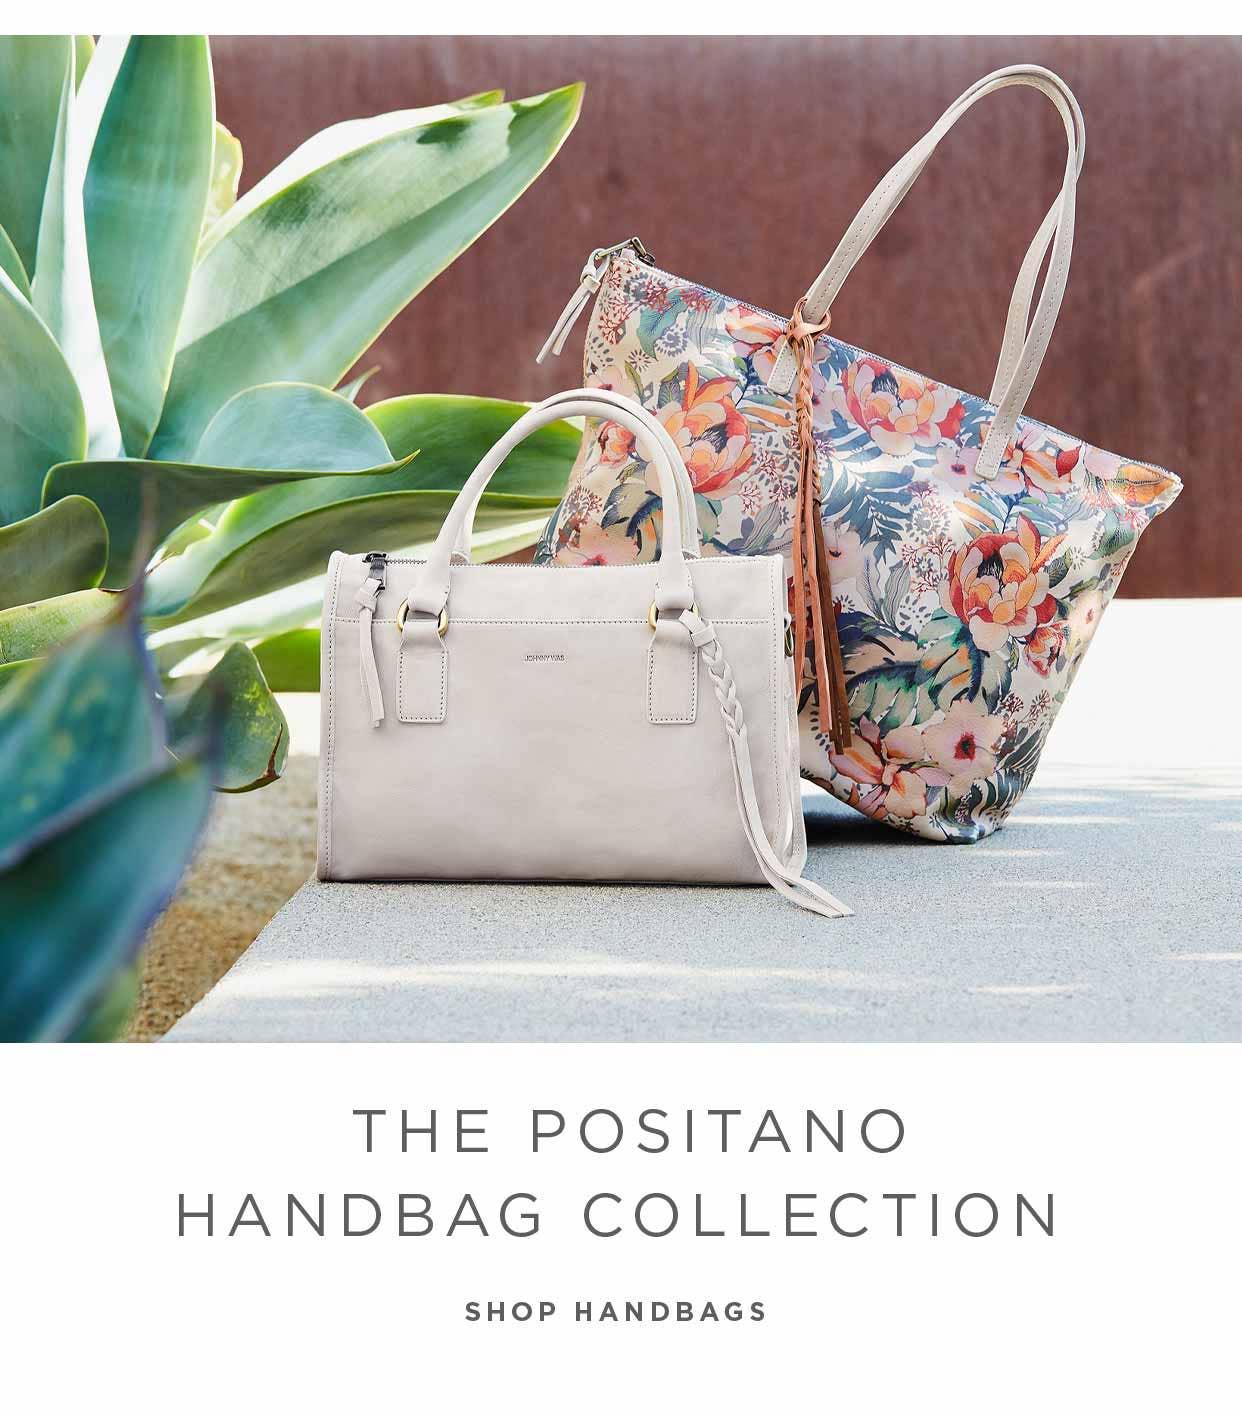 The Positano Handbag Collection